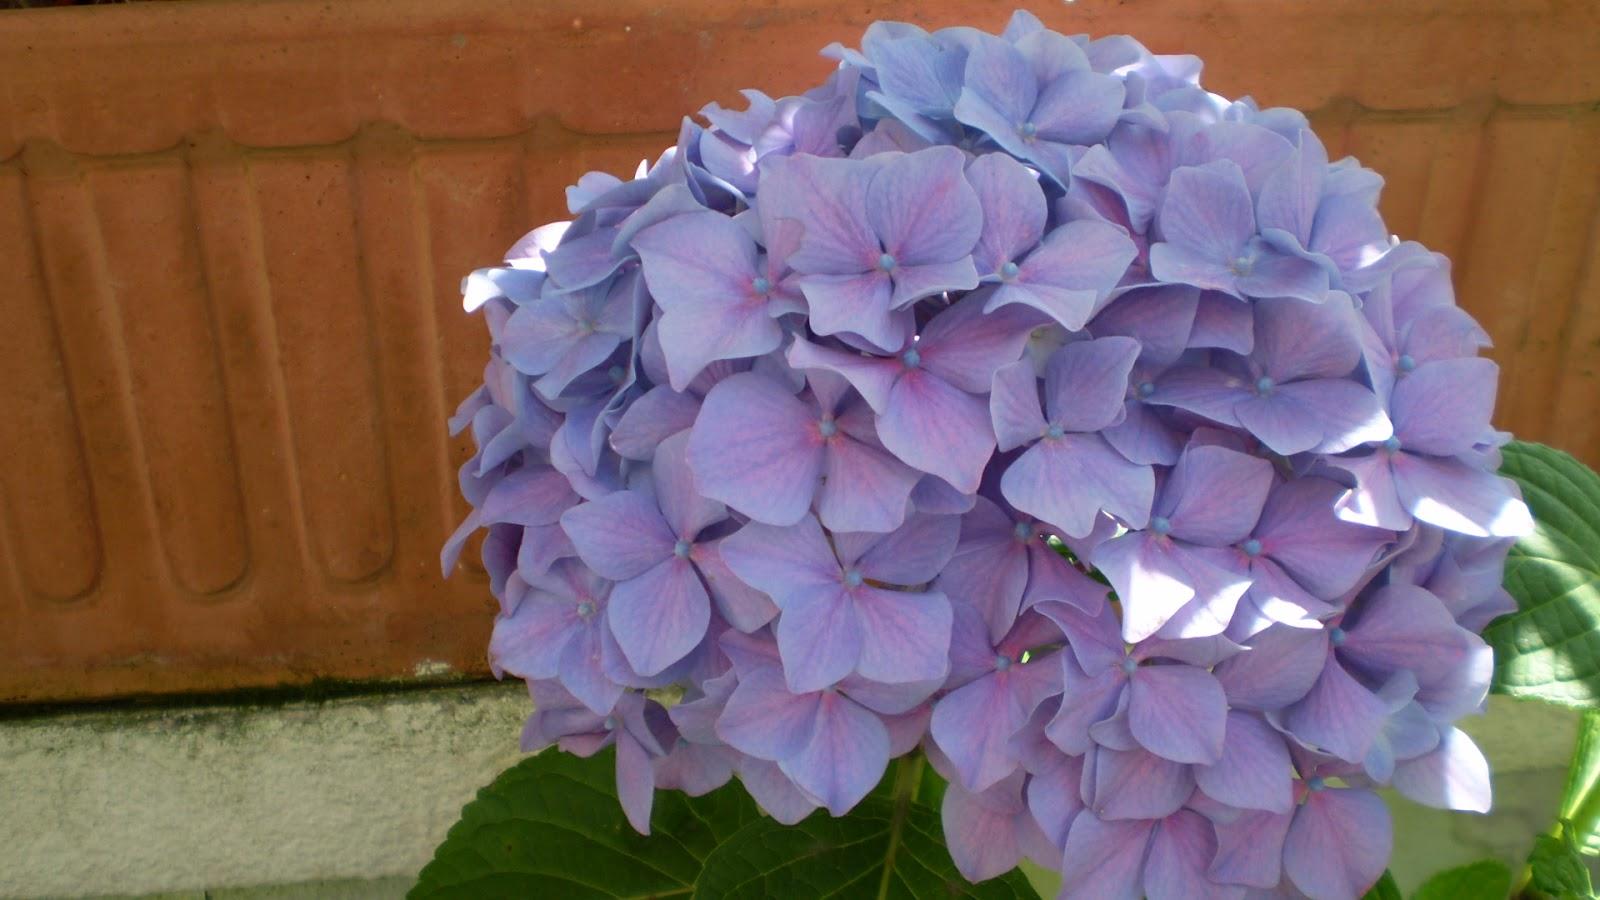 existe sin embargo una forma bastante sencilla de mantener el color que nos interese lo primero es plantar aquellas hortensias que deseemos en color azul